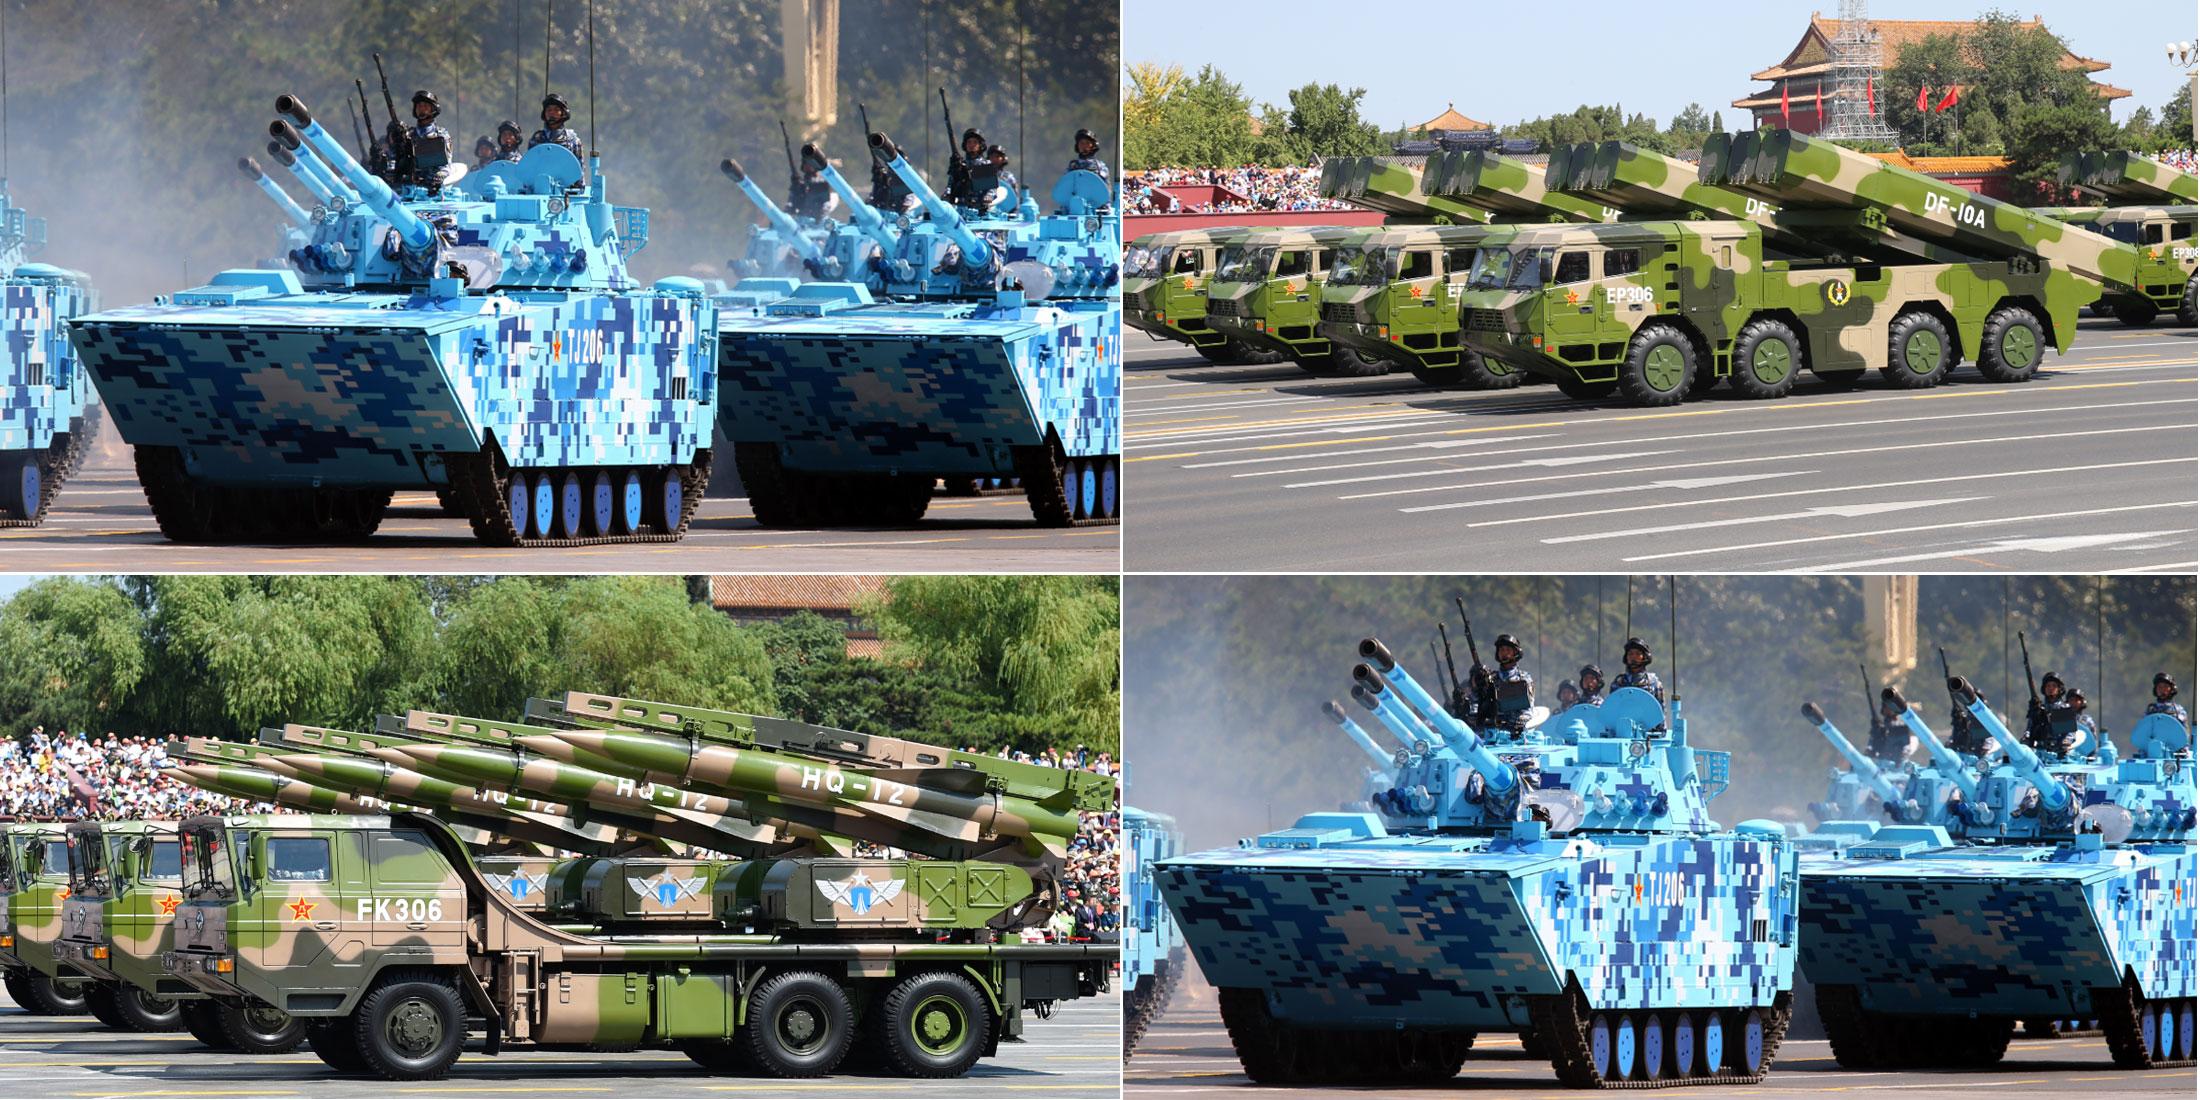 9·3阅兵:装备方队震撼亮相